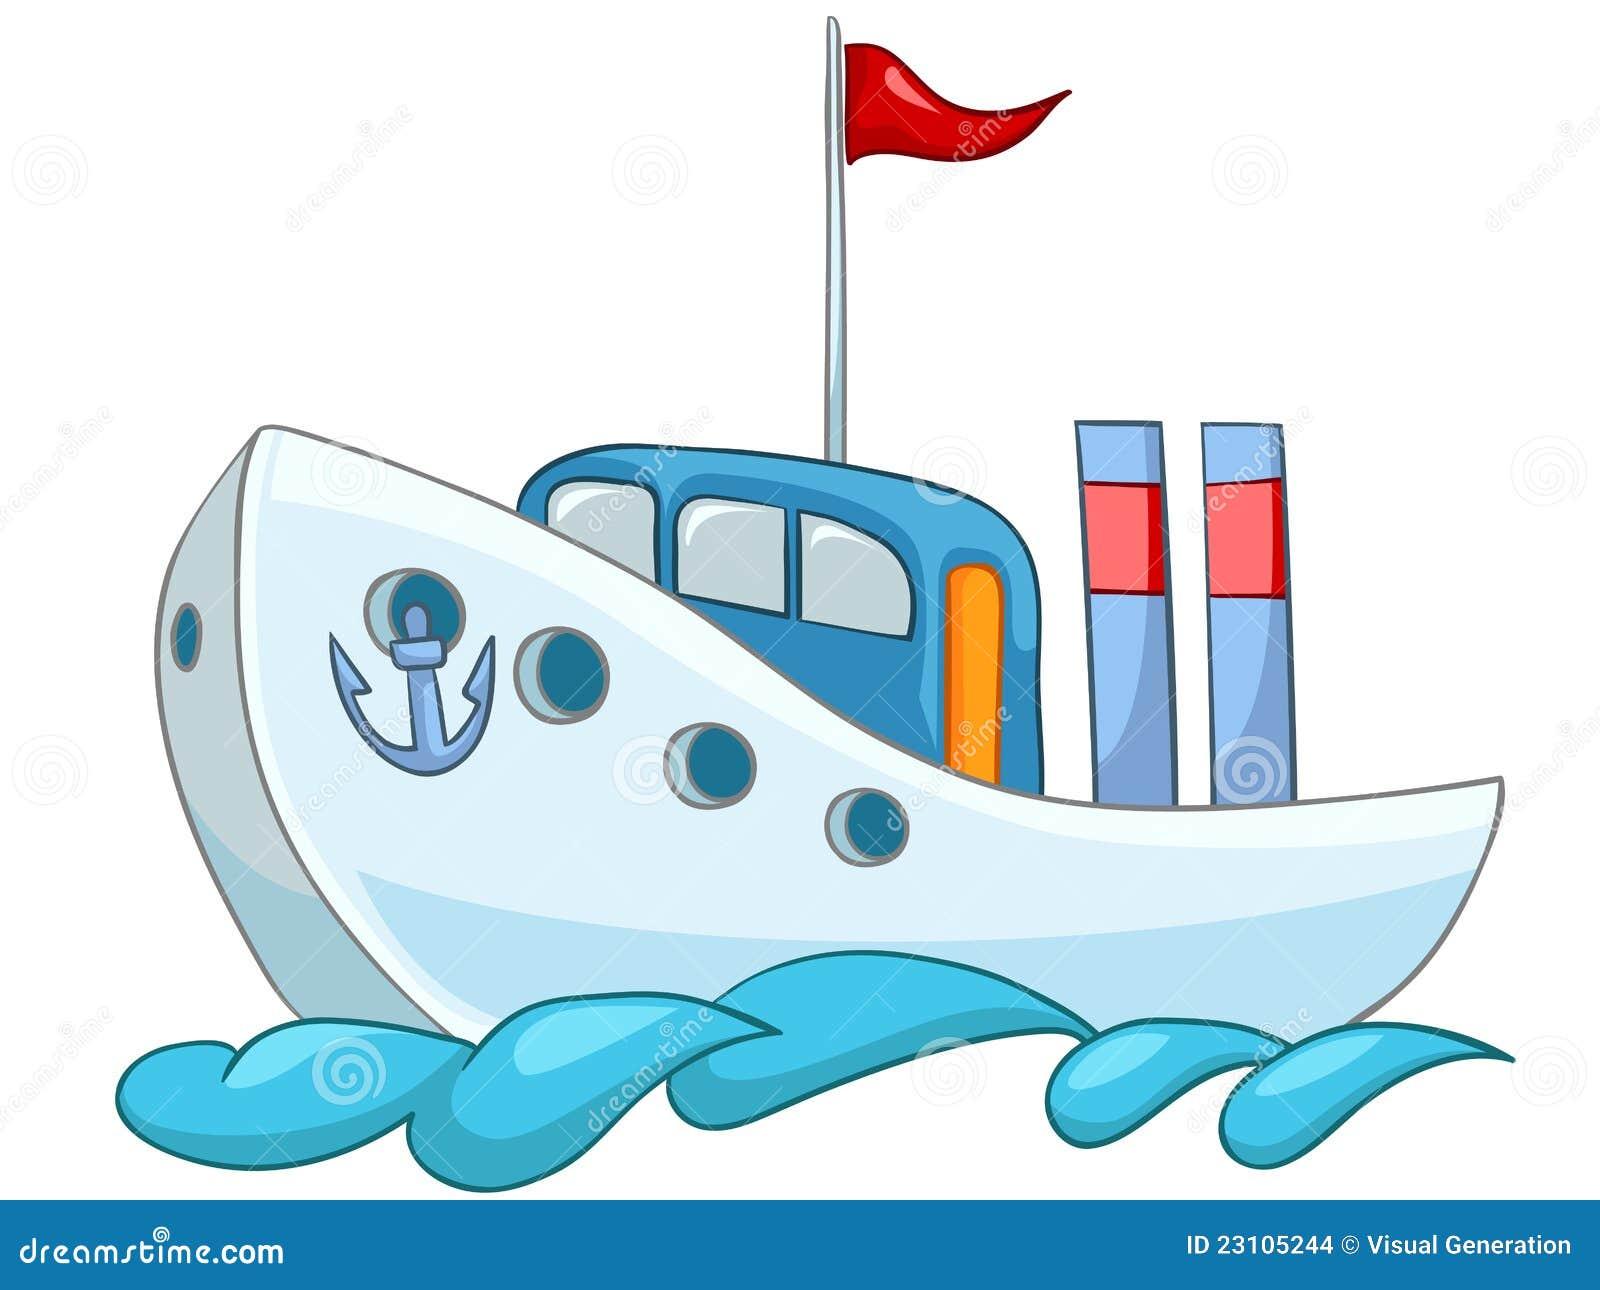 Cartoon Ship Stock Vector Illustration Of Travel